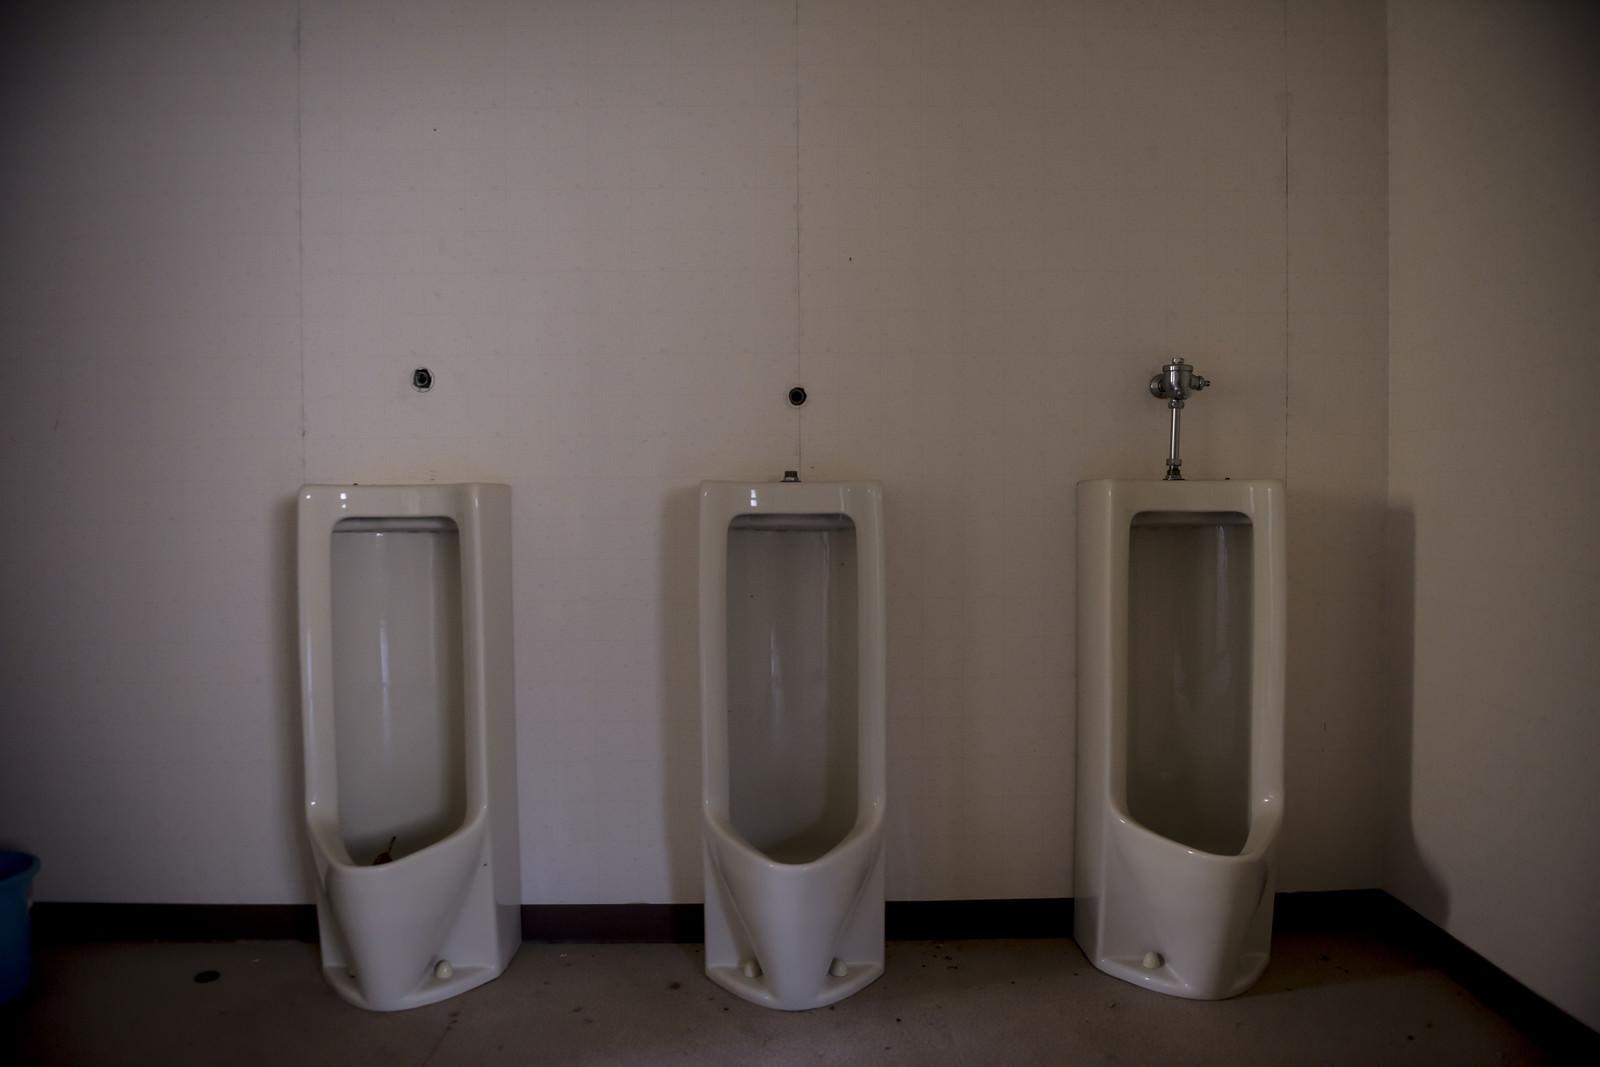 「使われていない不気味なトイレ」の写真